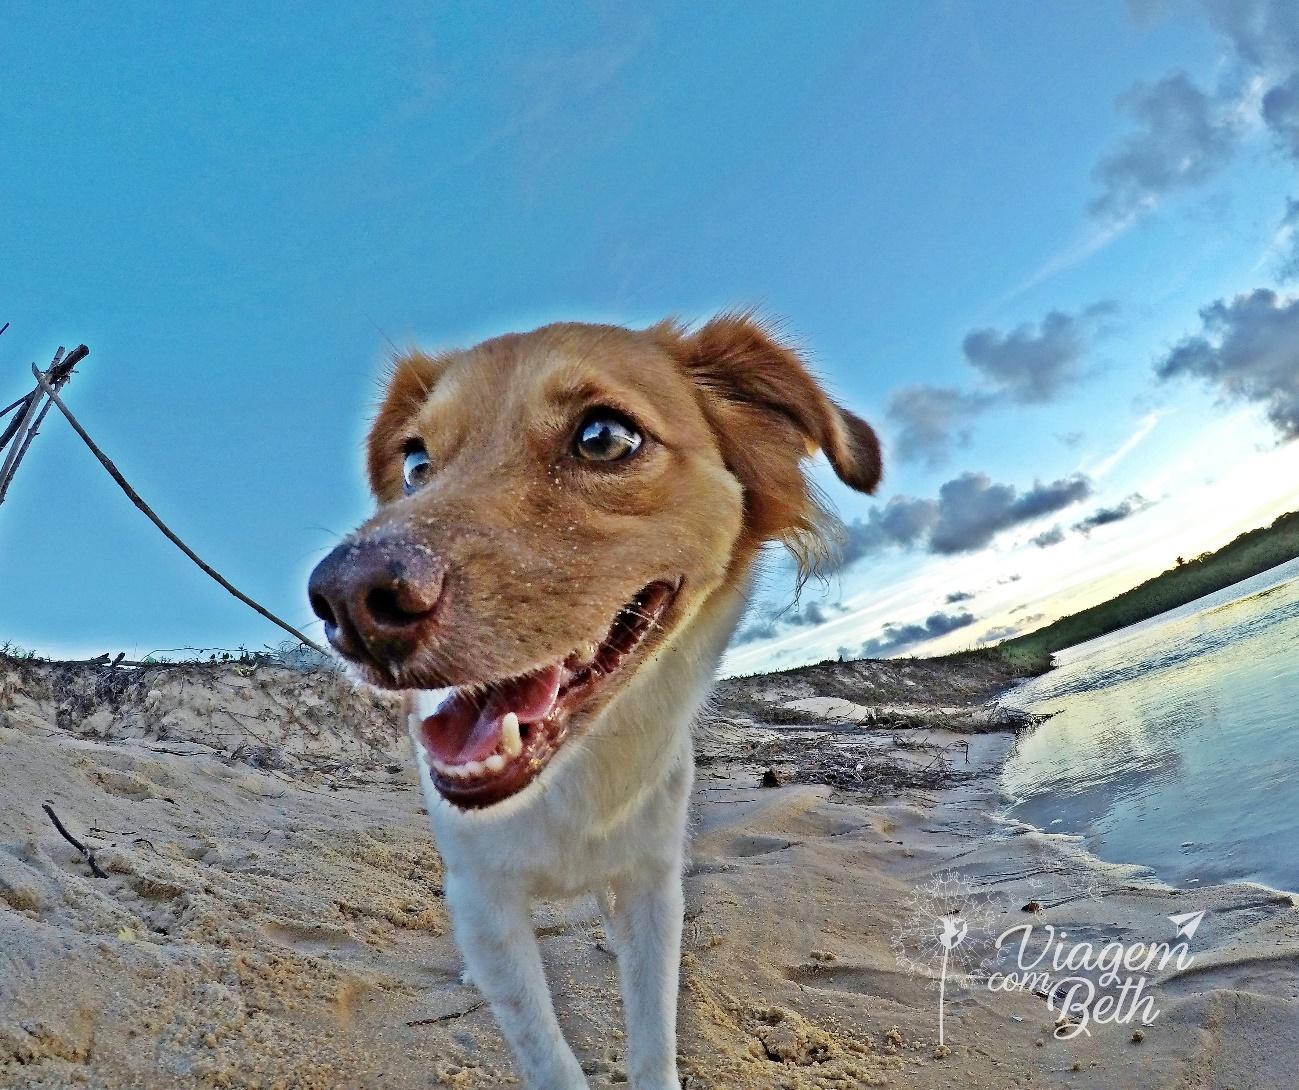 Foto dog - nina dog na praia